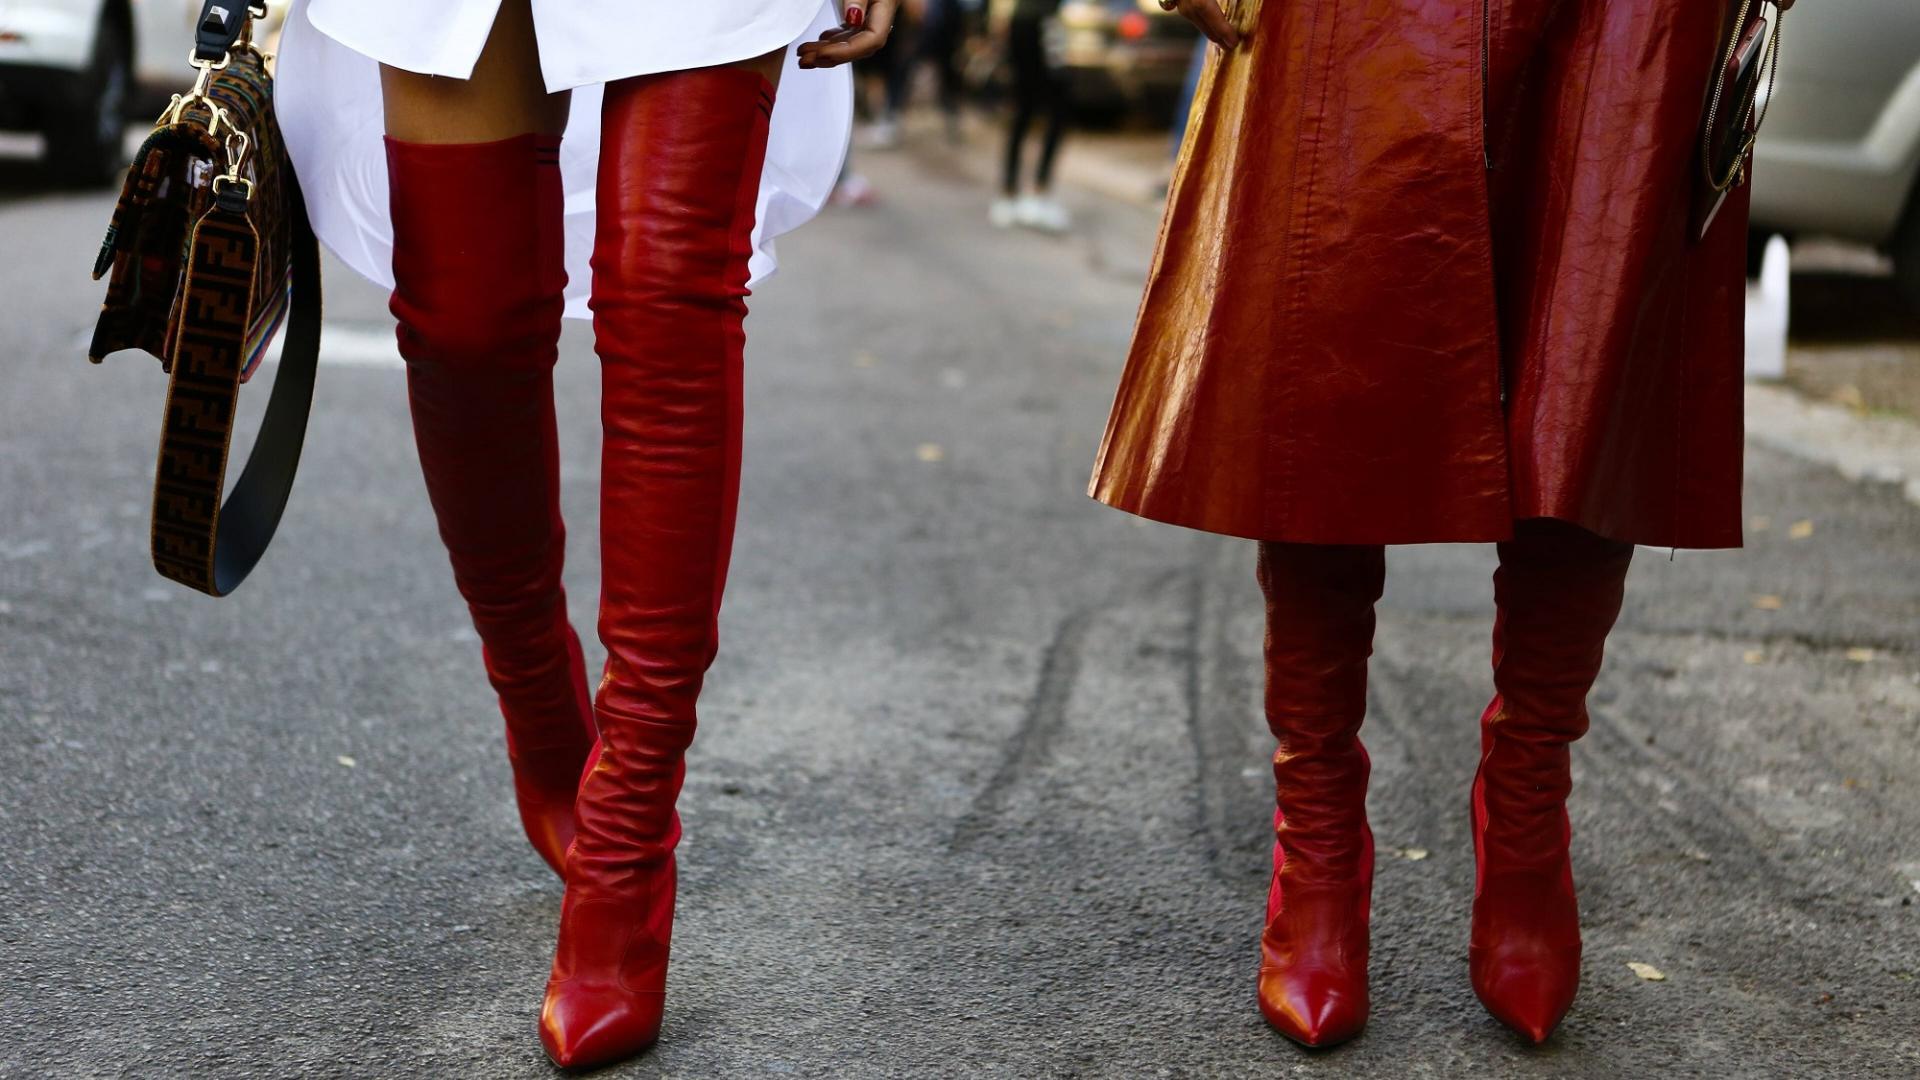 Leder, Lederstiefel, Herbsttrend, Schuhe